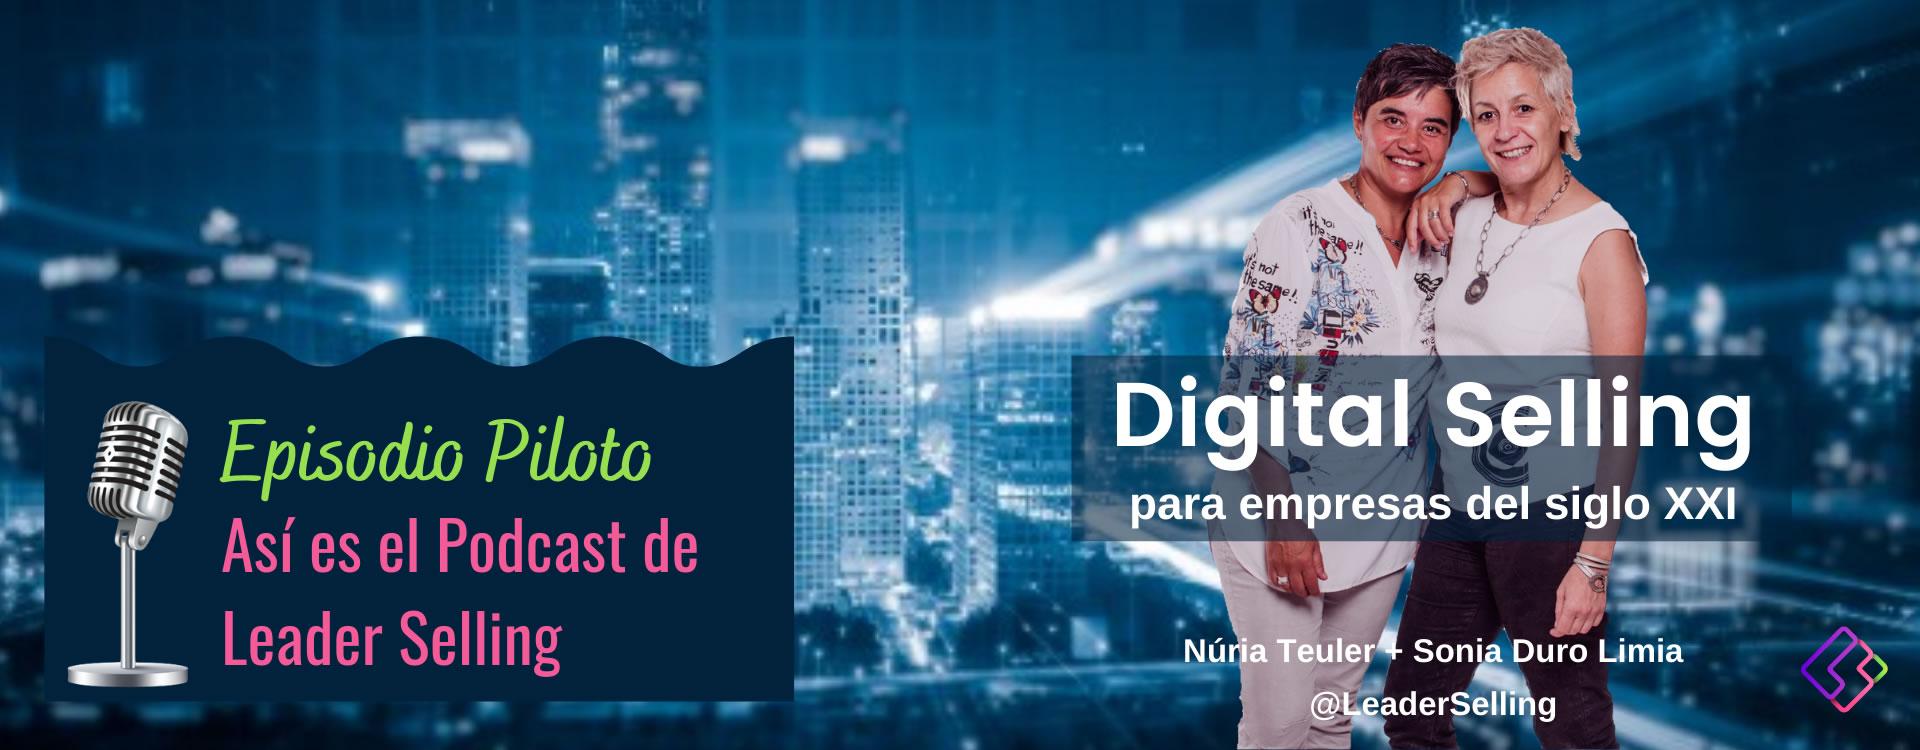 Episodio Piloto: Digital Selling para empresas del siglo XXI